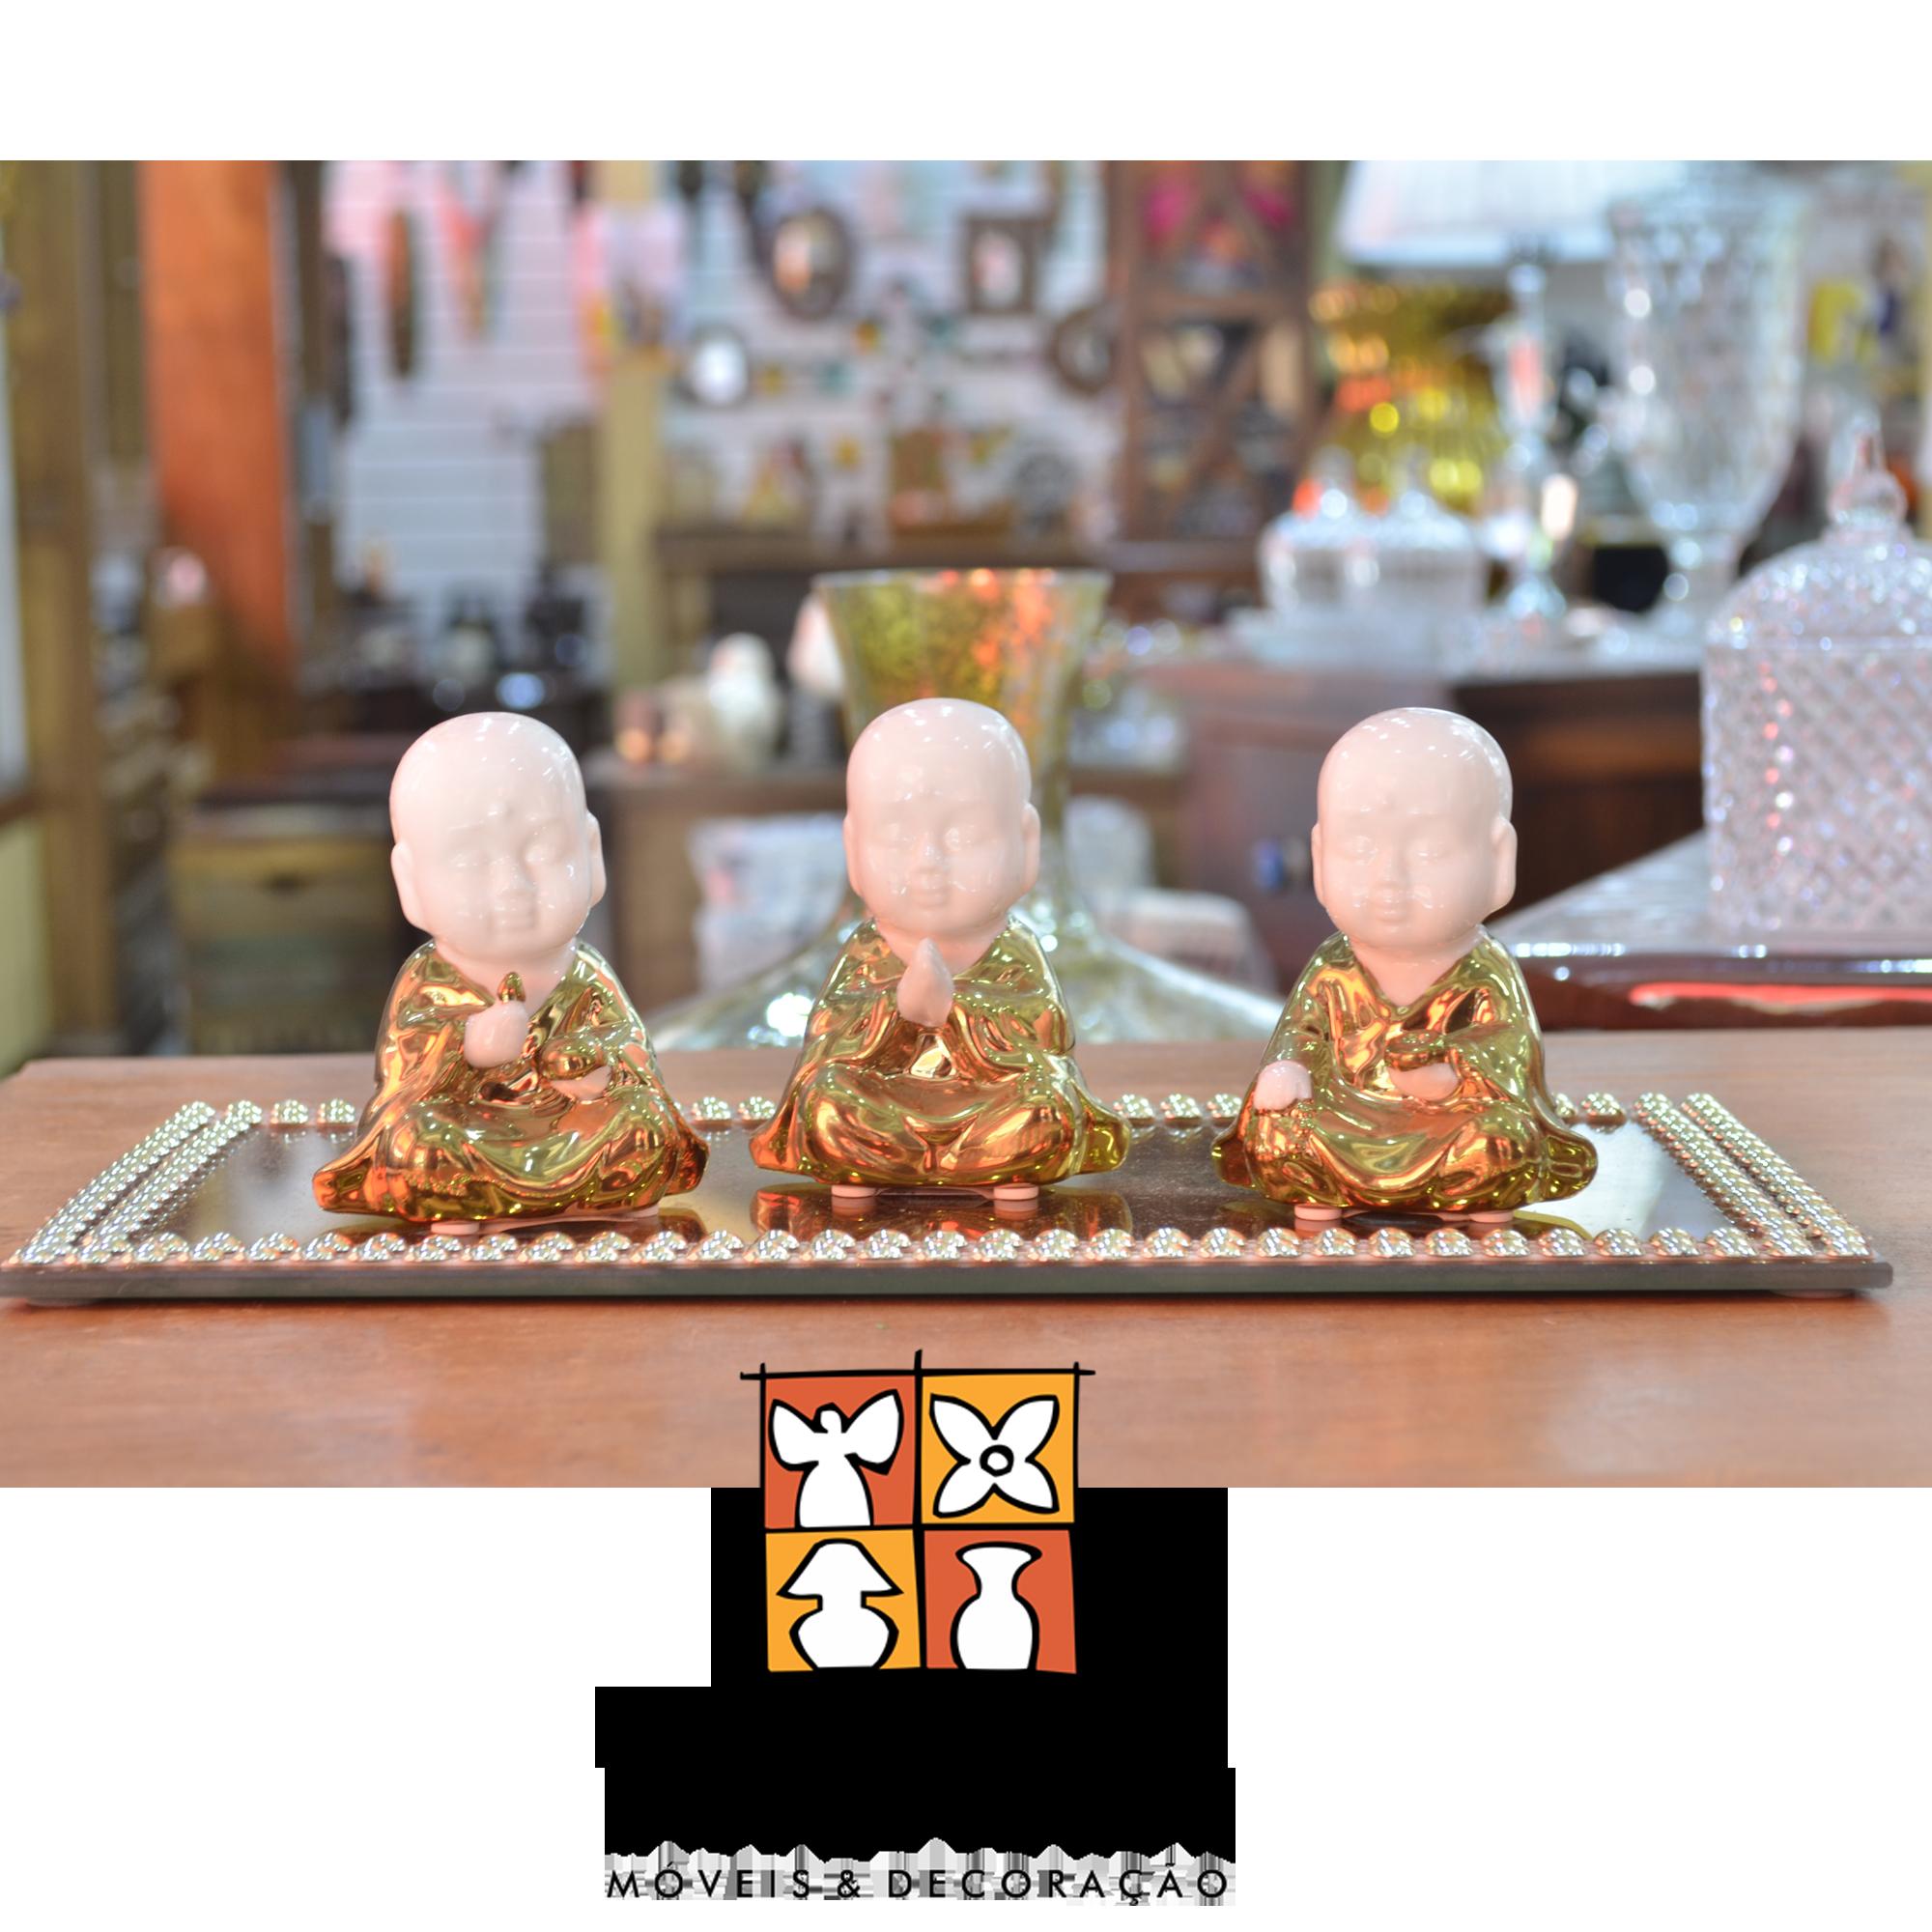 Loja Terra Nossa decora com trio de budas dourado